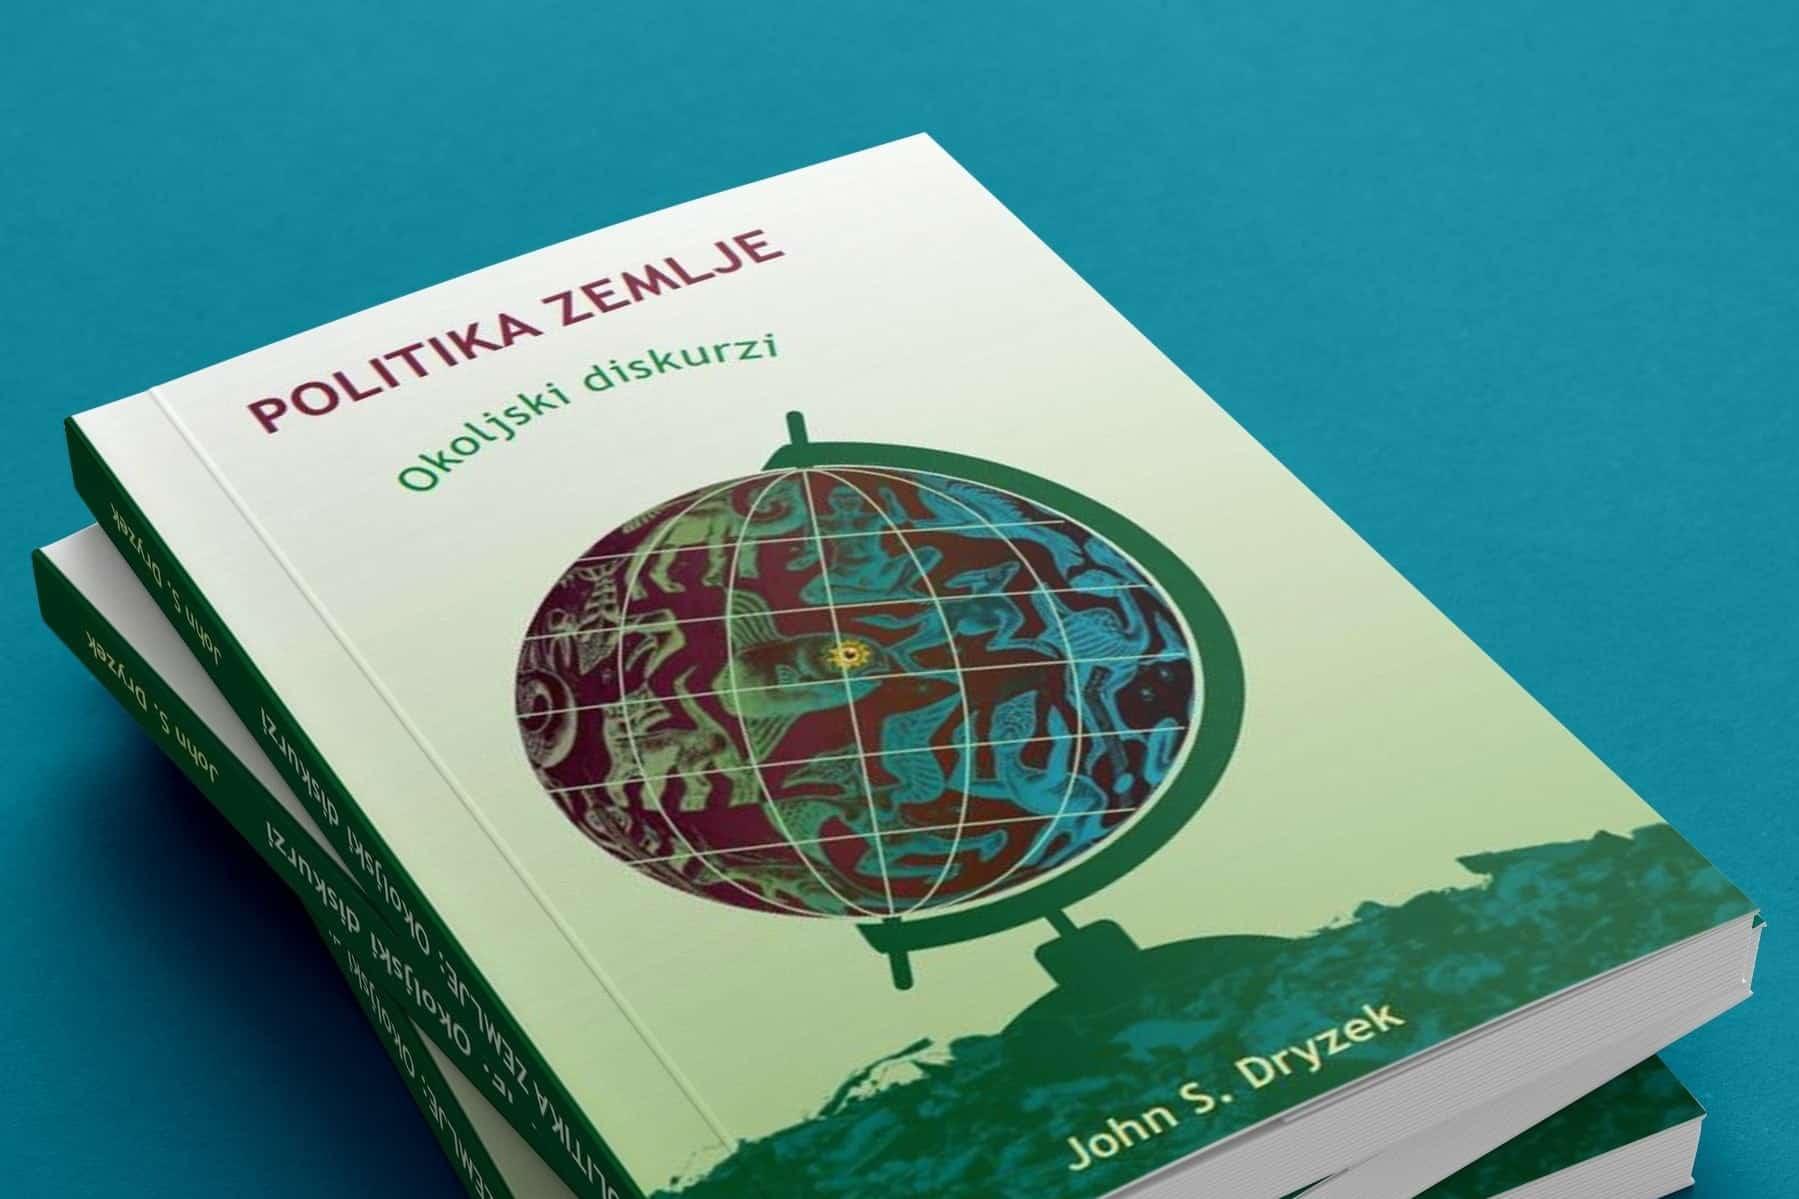 Politika Zemlje: okoljski diskurzi